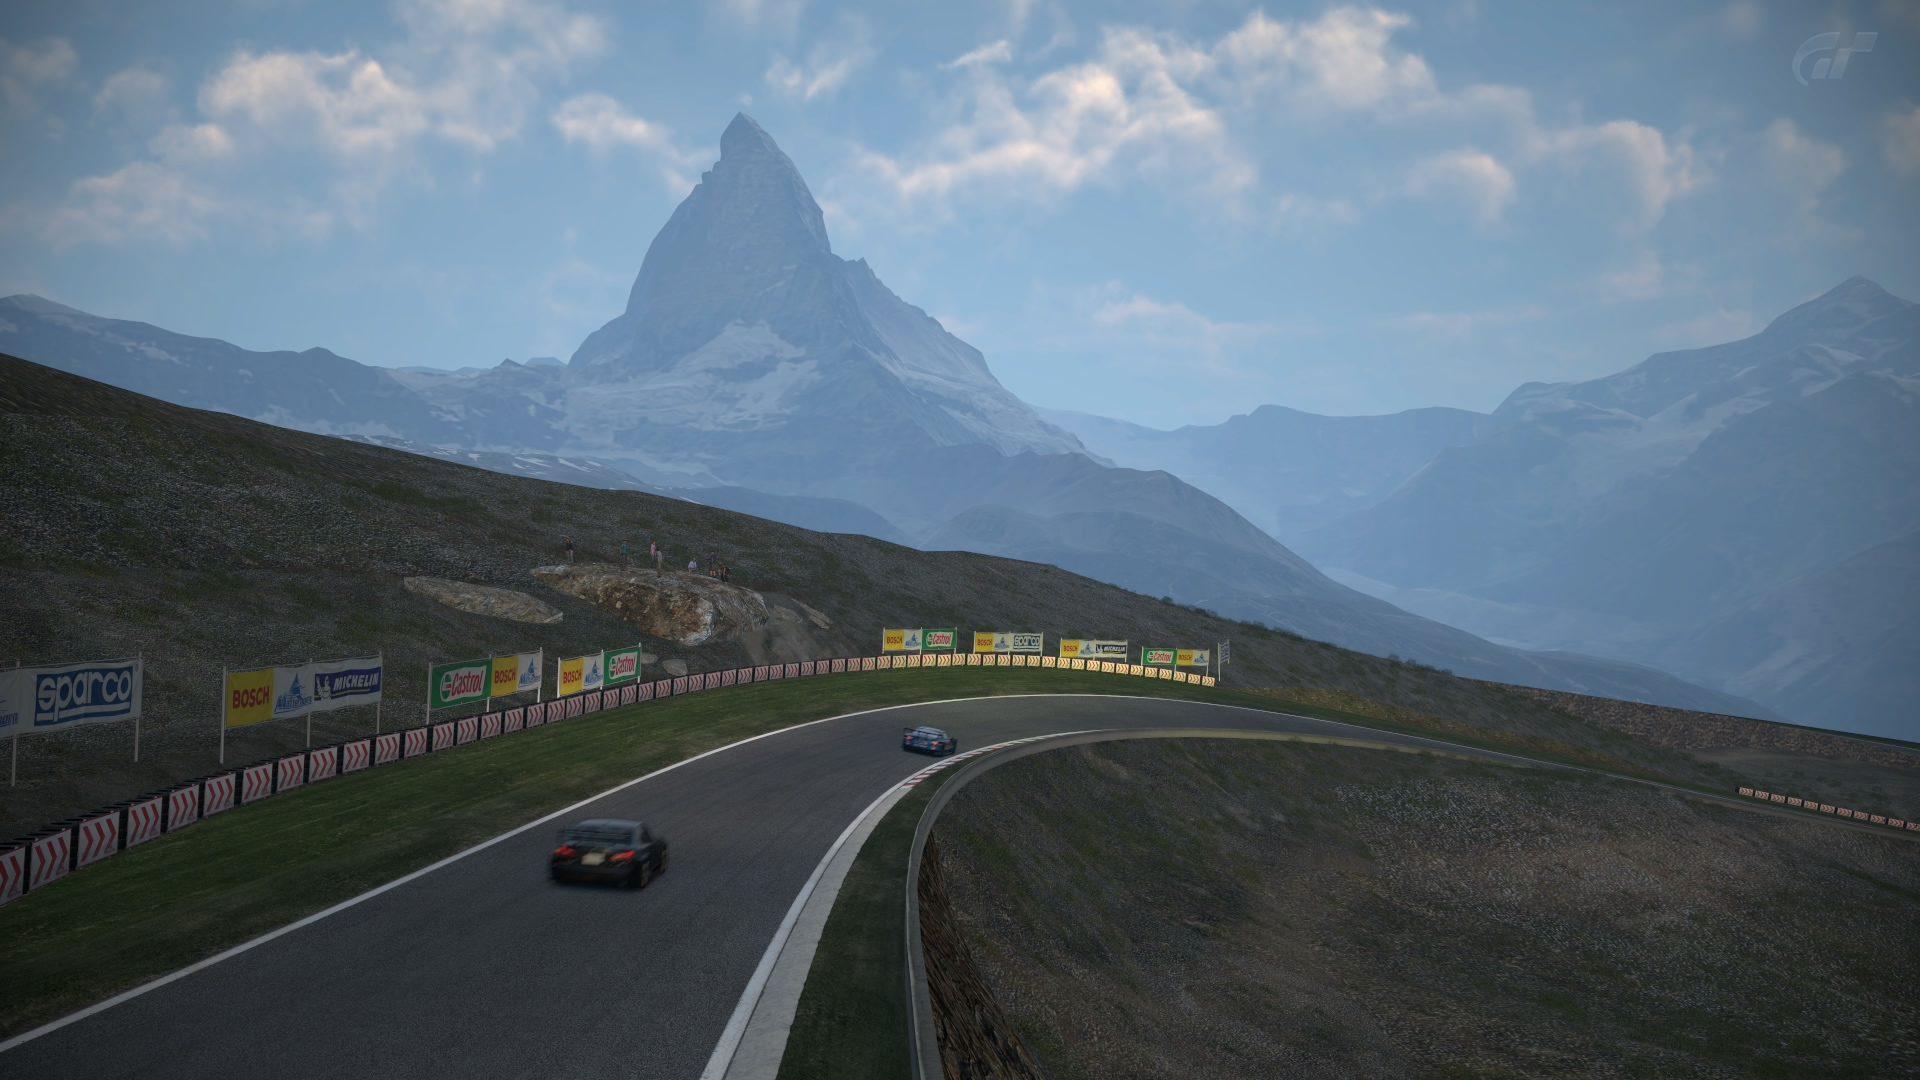 Matterhorn Rotenboden_1.jpg